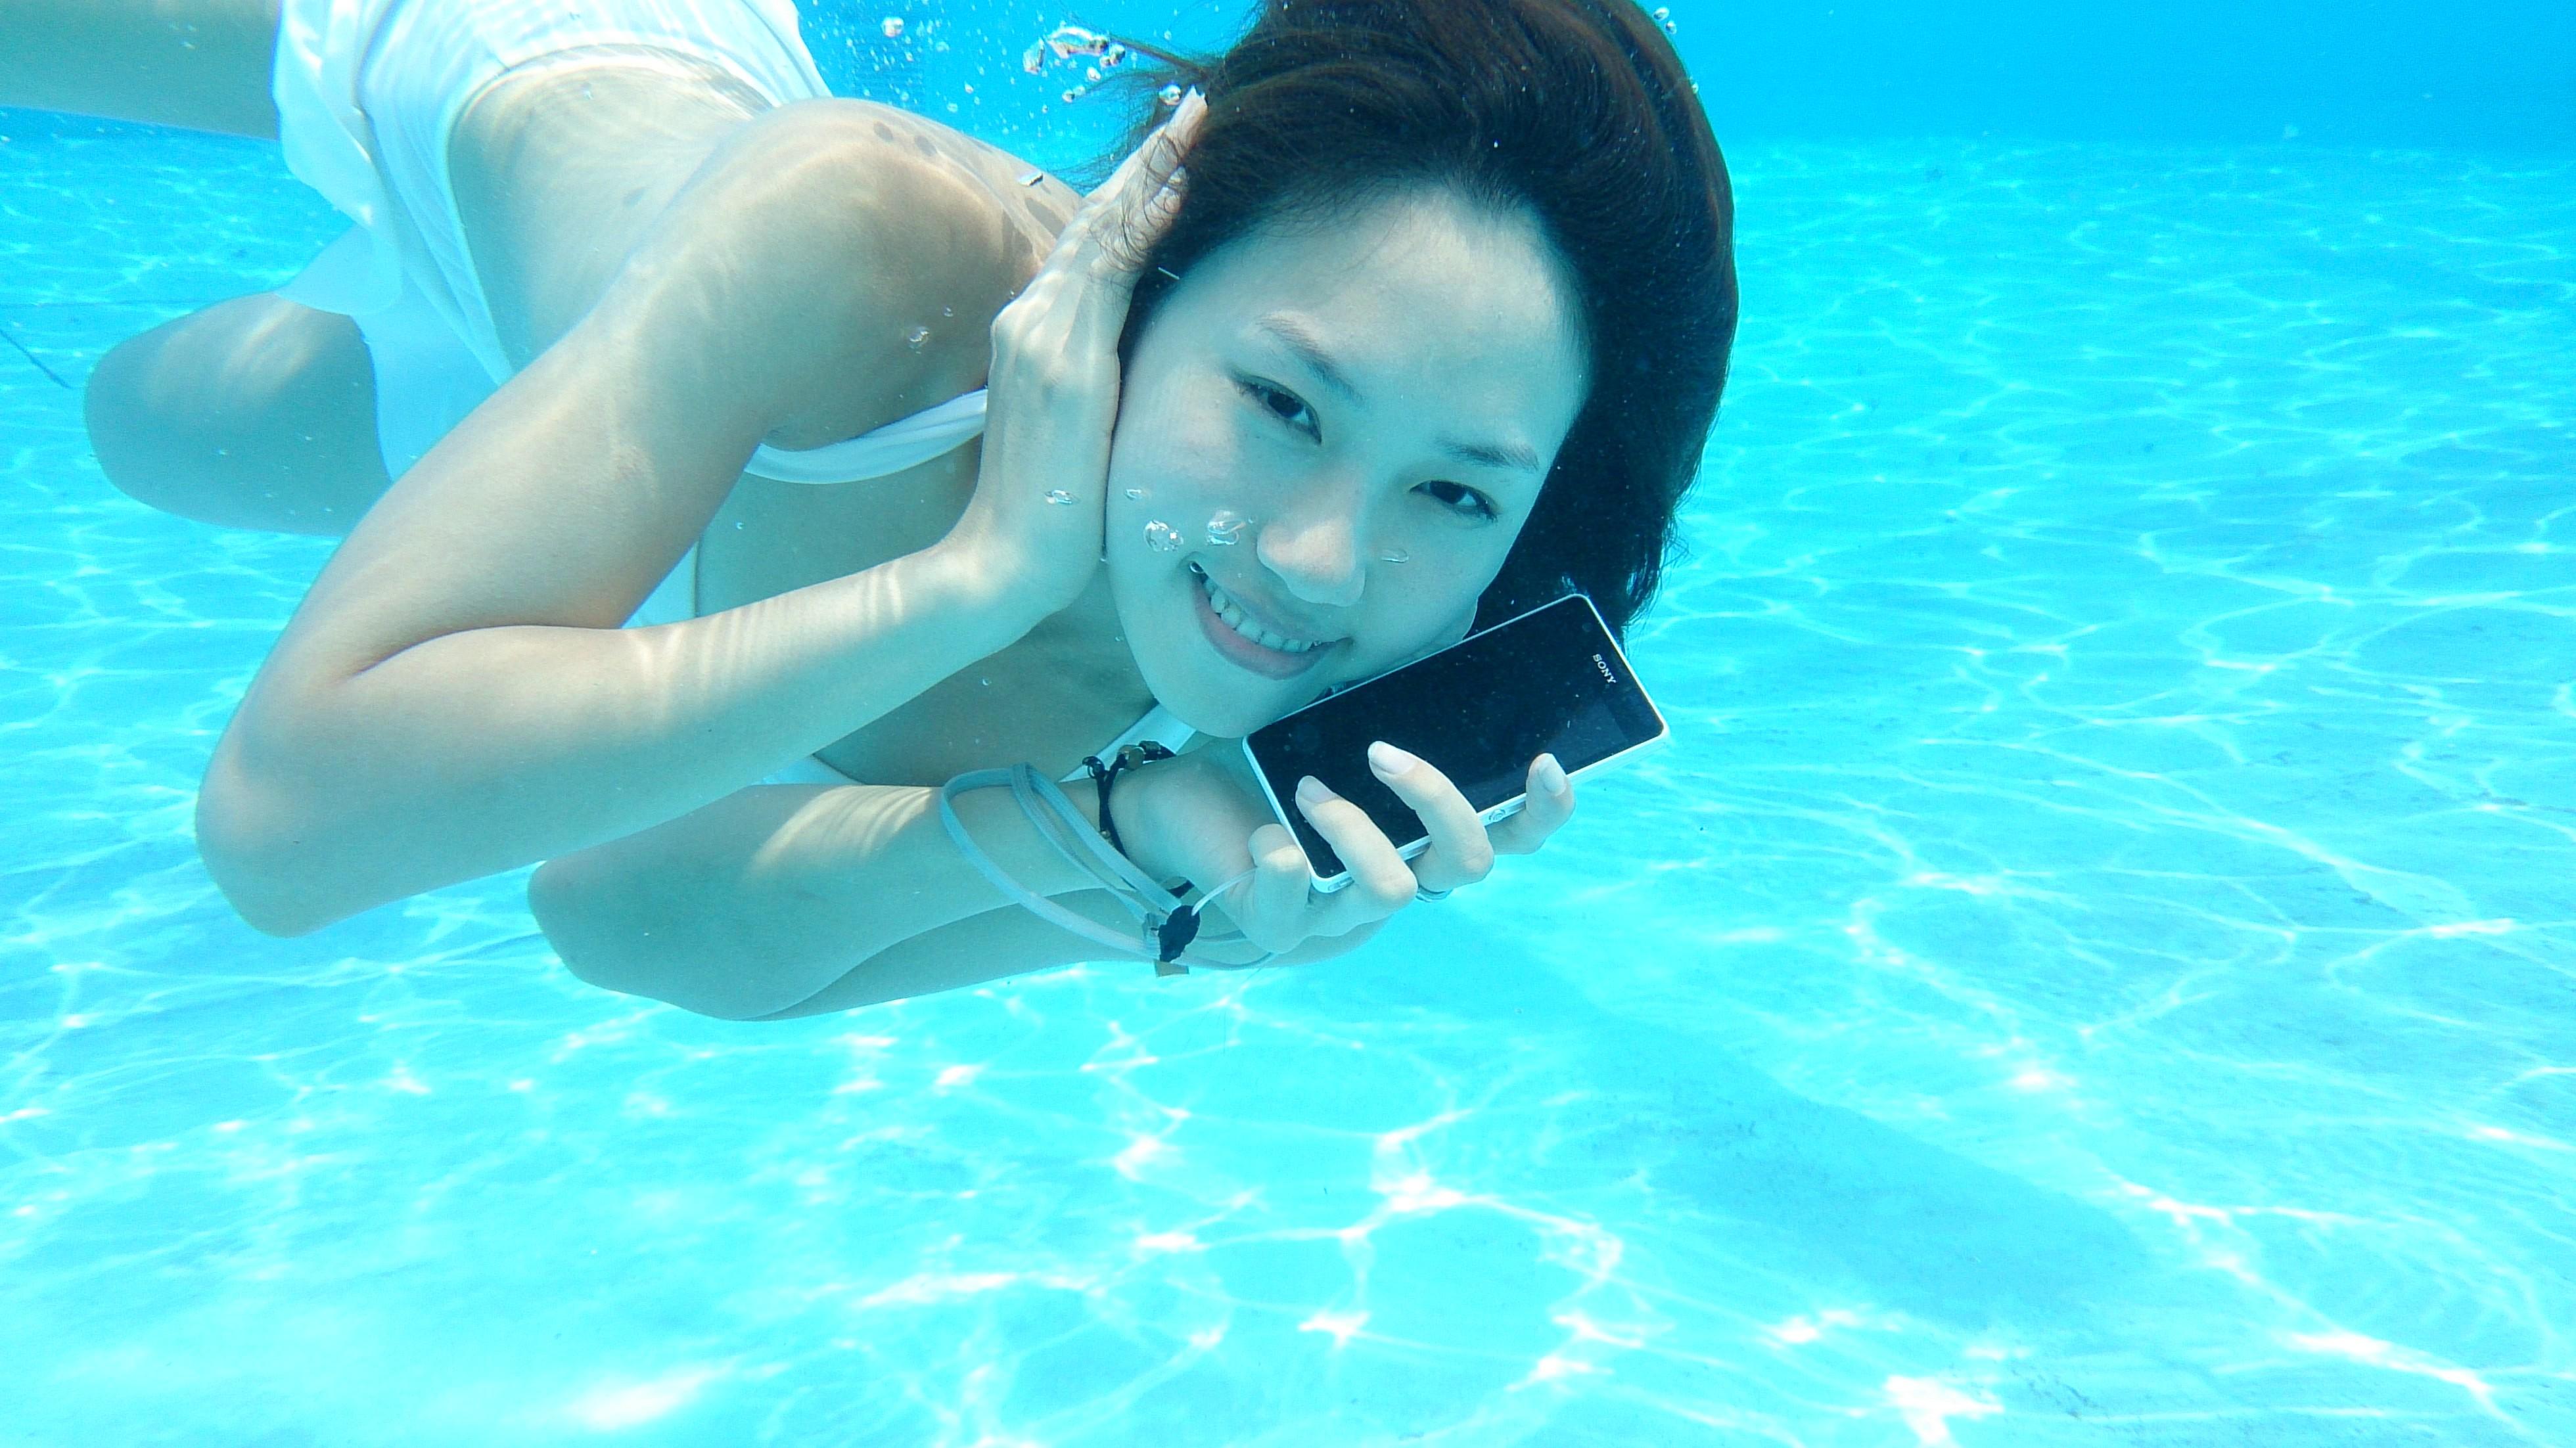 手机在水中并不能触控 sony xperia zr发布水中可高清图片